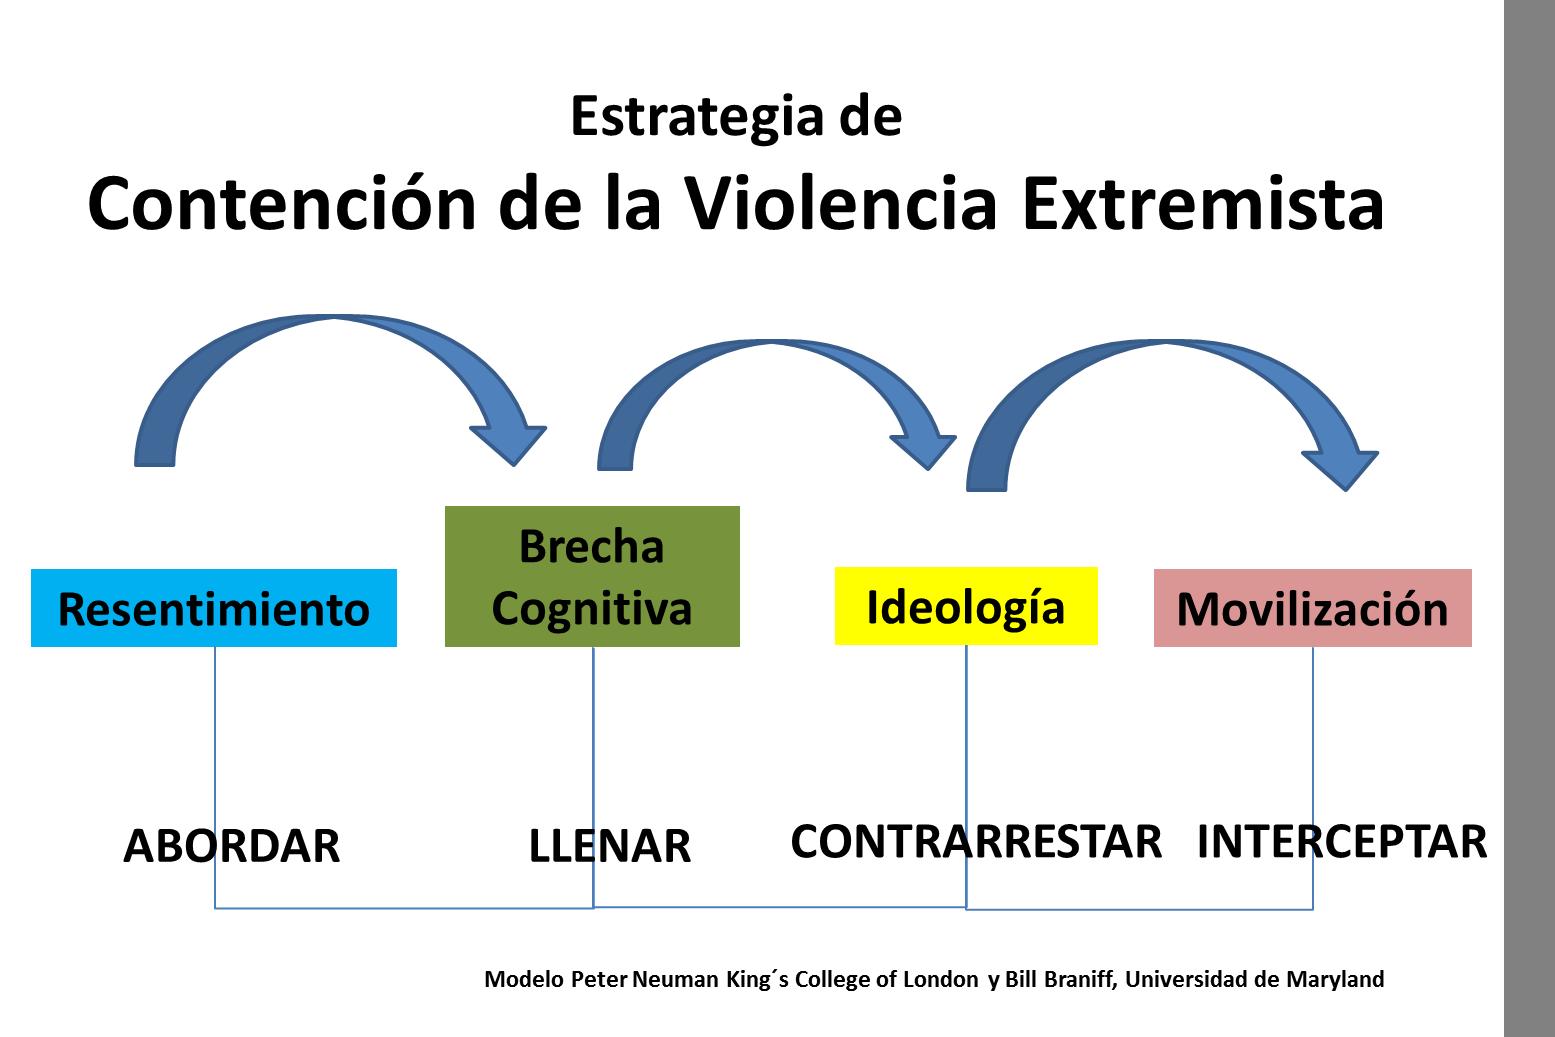 Estrategia de contencion de la violencia extremista